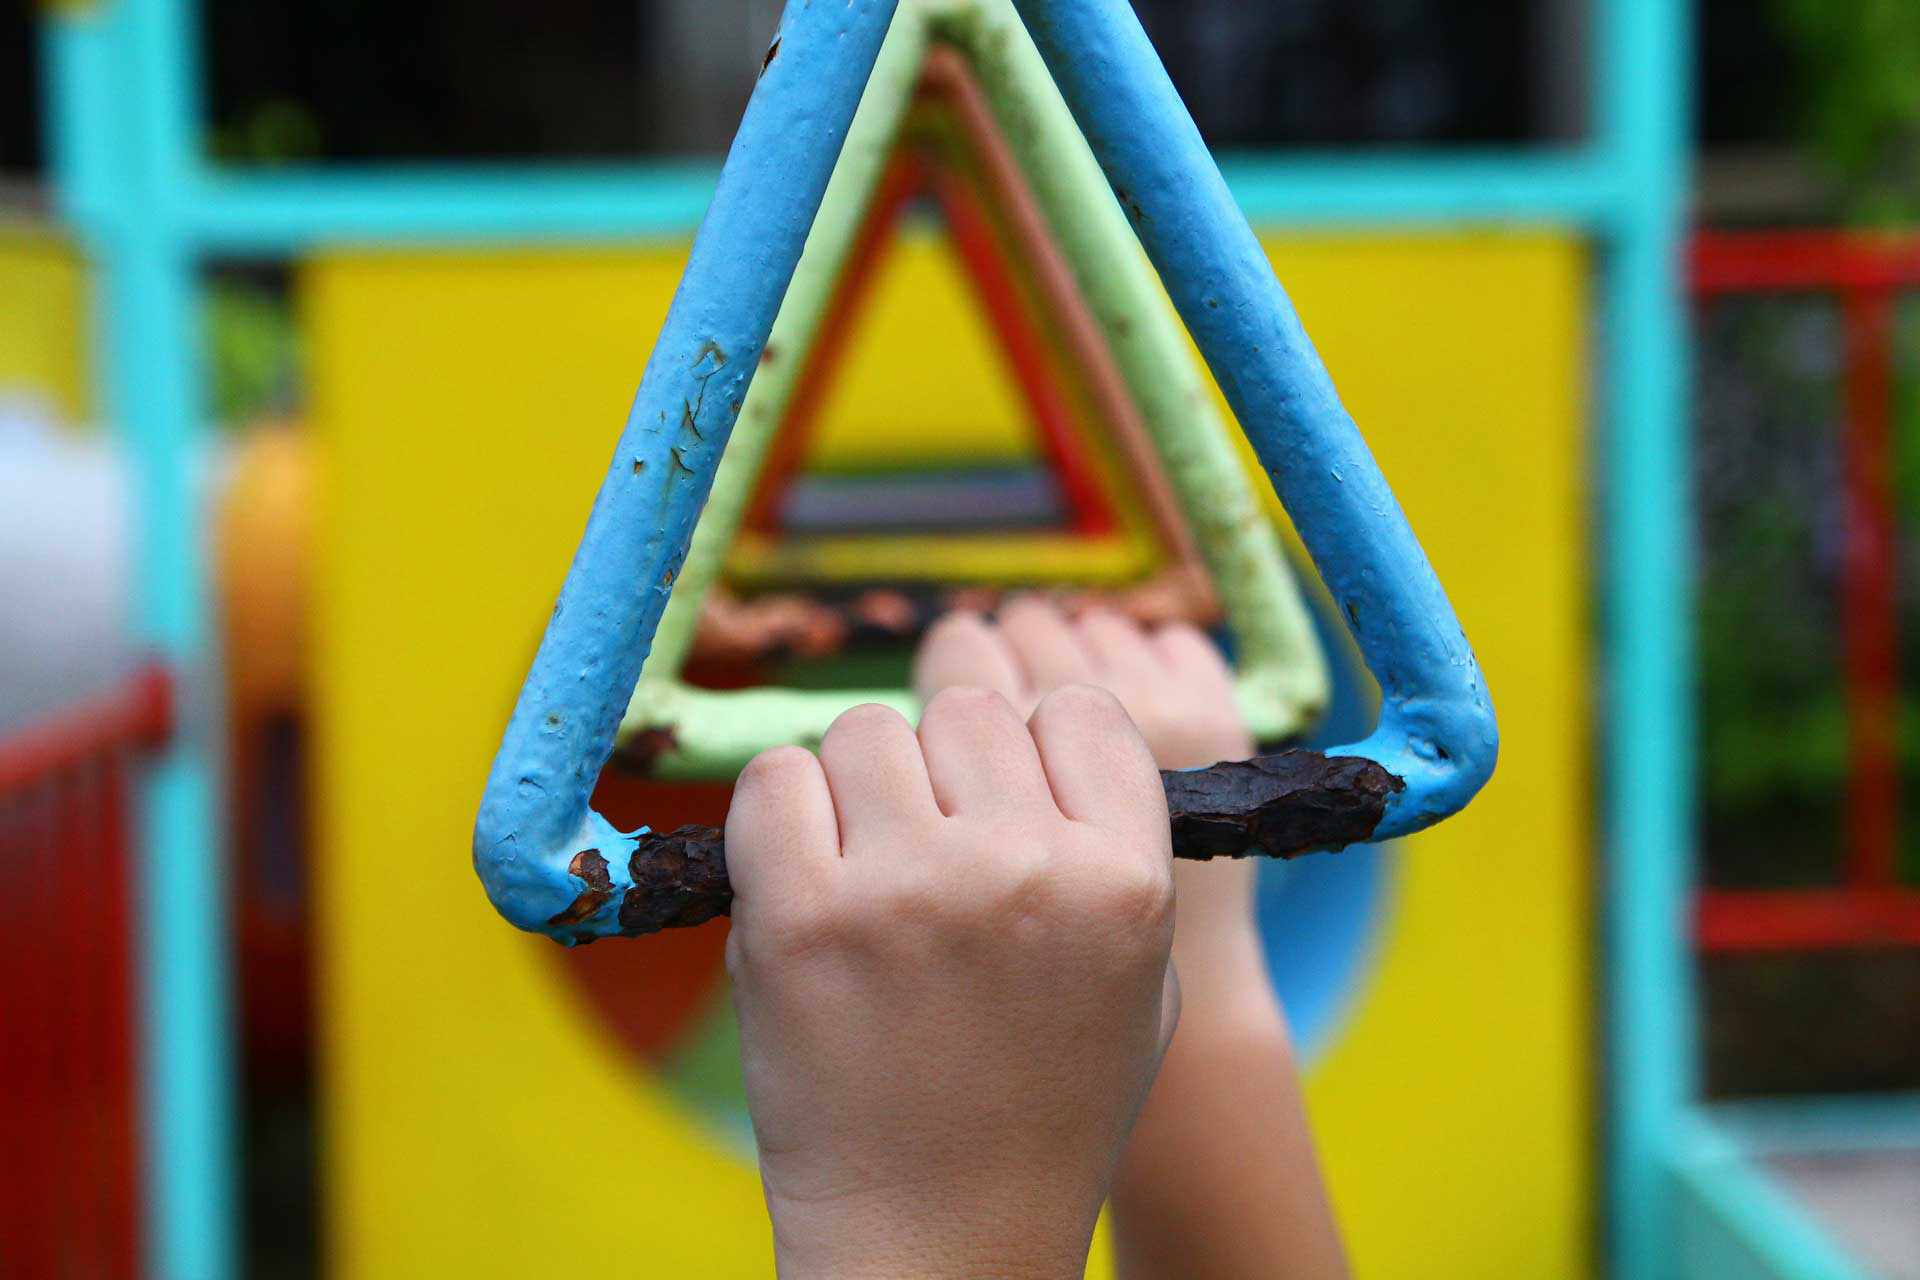 Eine Studie der University of Illinois Urbana-Champaign zeigen, dass auch der Kopf der Kinder vom Sport profitiert. (Bild: Pixabay/Charyl Patrice Lee)